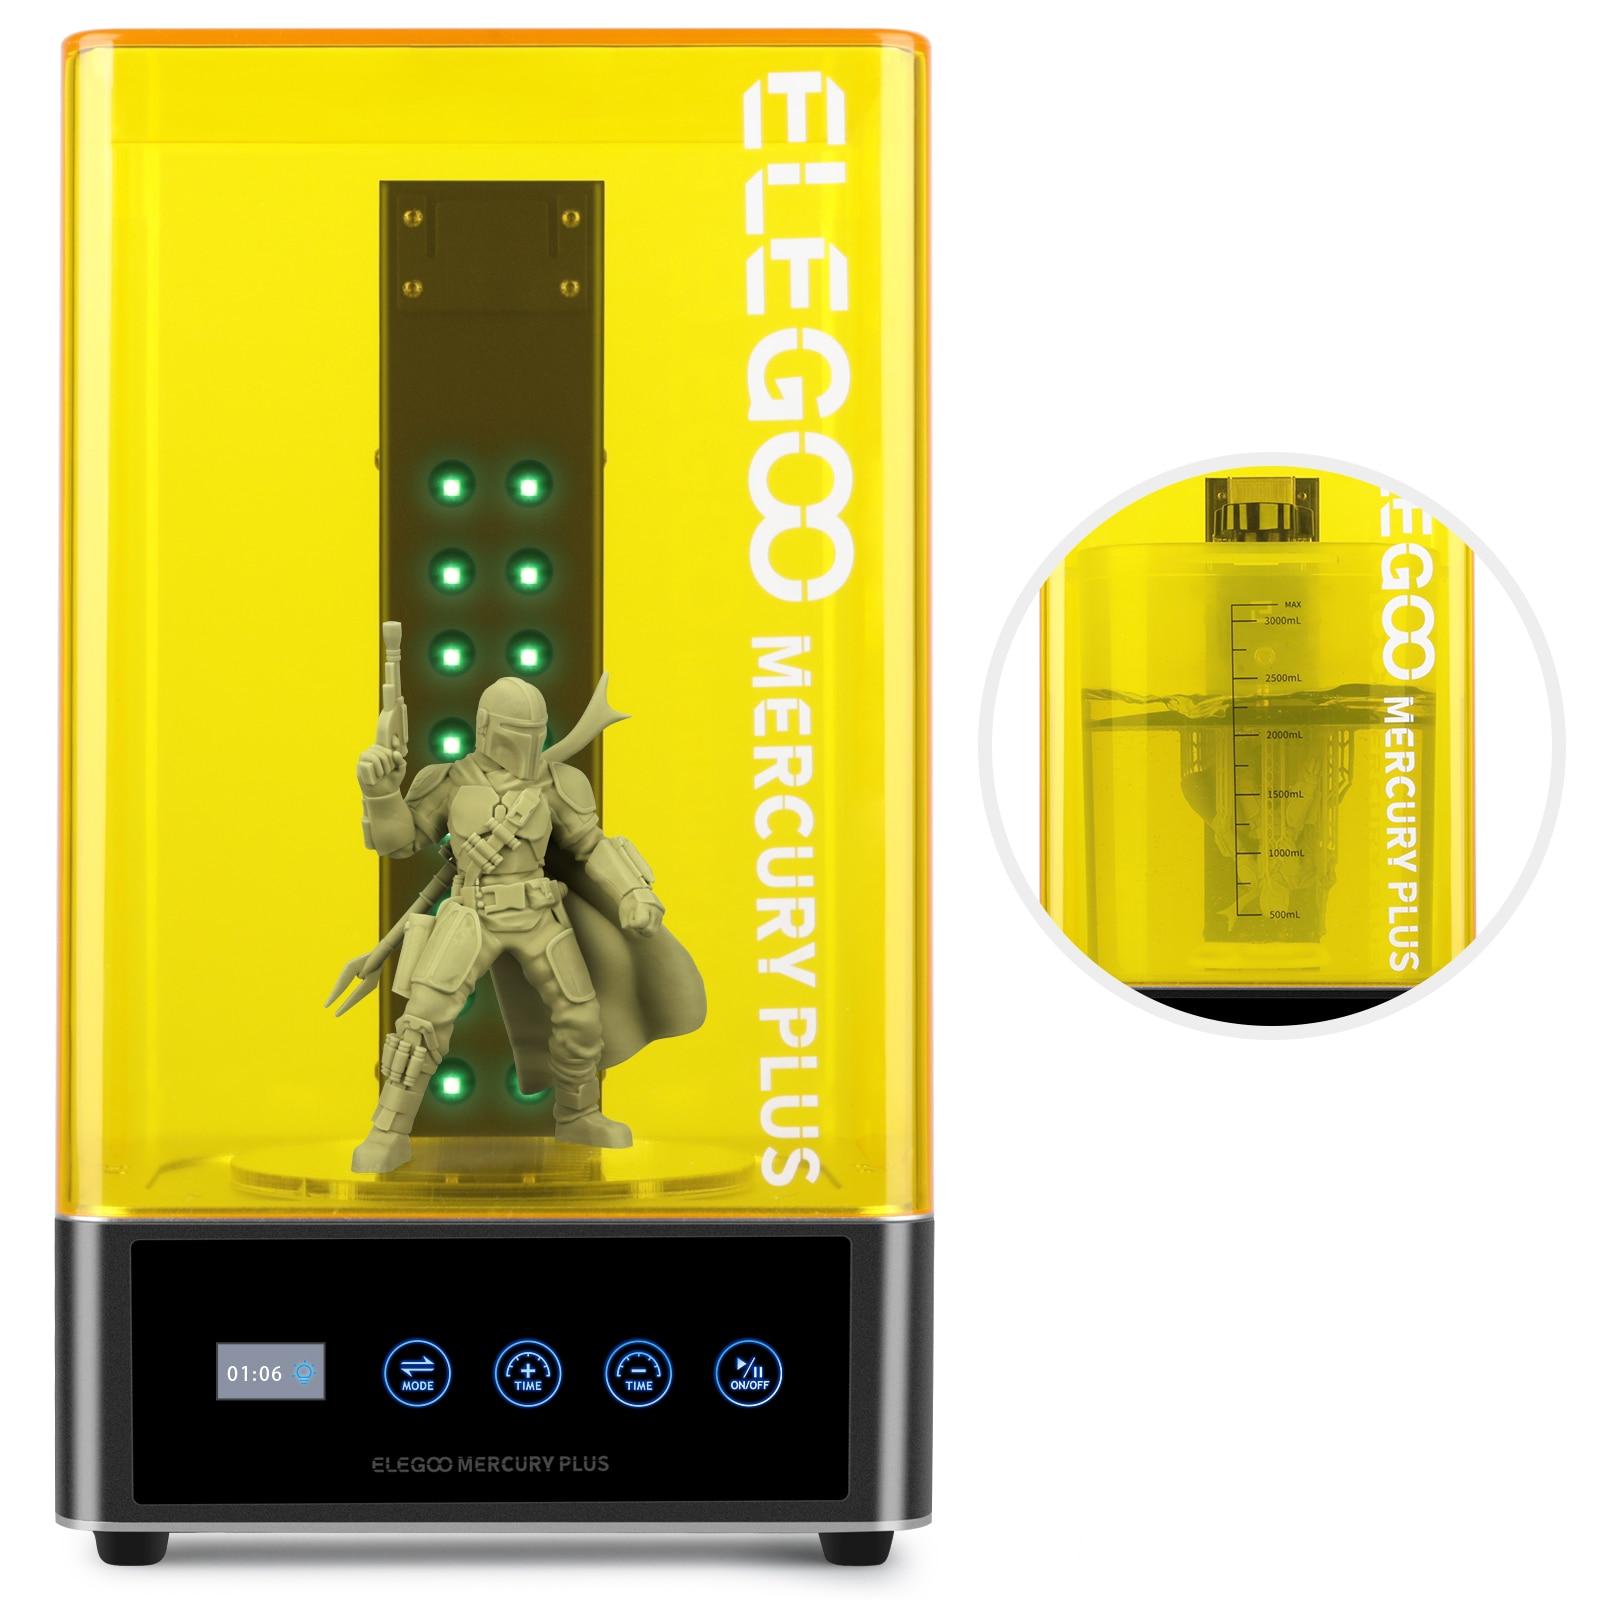 ELEGOO 3D-принтеры мыть и аппарат для лечения гель лак модели 2-в-1 стиральная и лечение отверждения модели с герметичной Стир